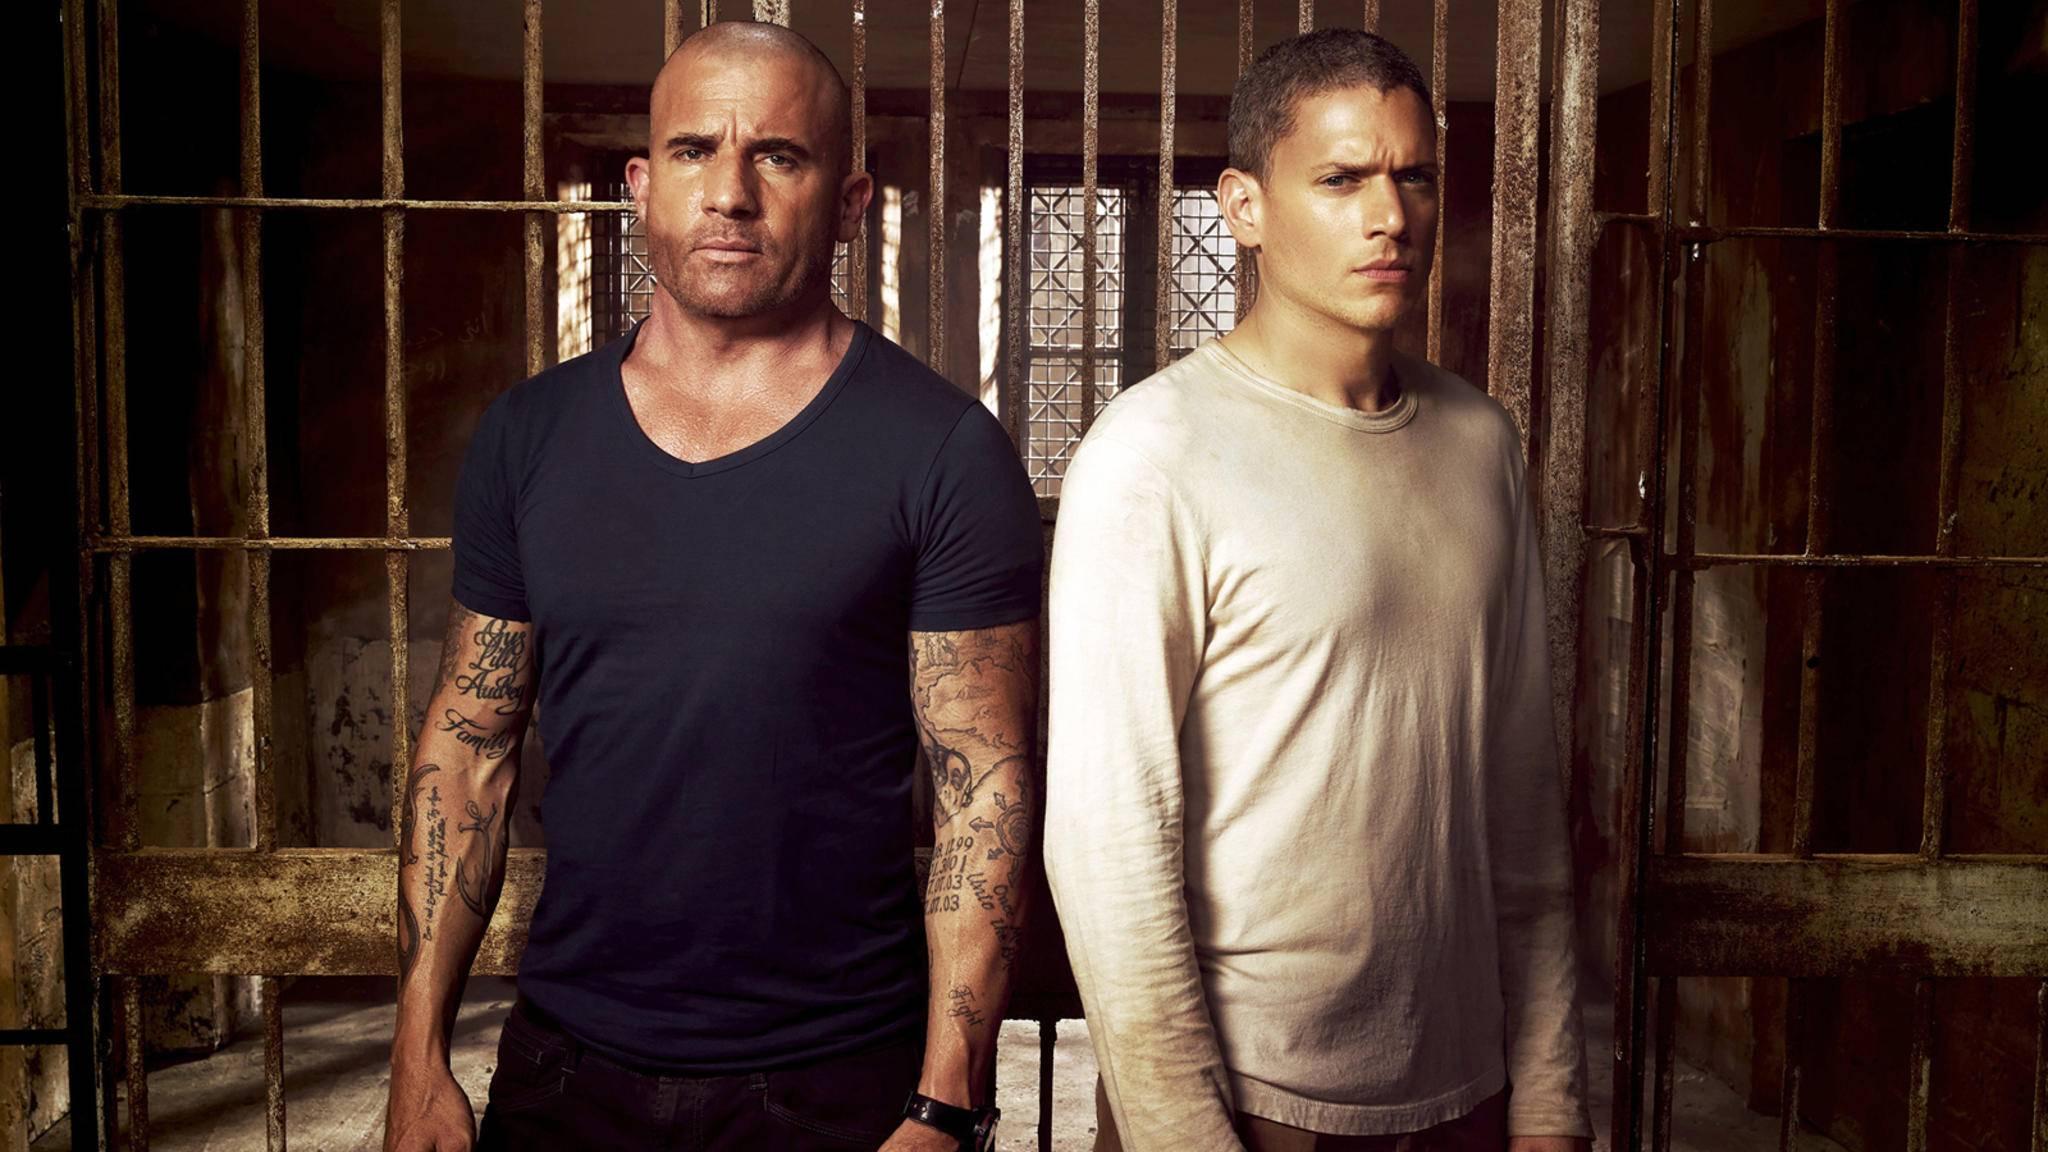 """Aus welchem Gefängnis müssen sich Michael Scofield und Lincoln Burrows in Staffel 6 von """"Prison Break"""" wohl freikämpfen?"""